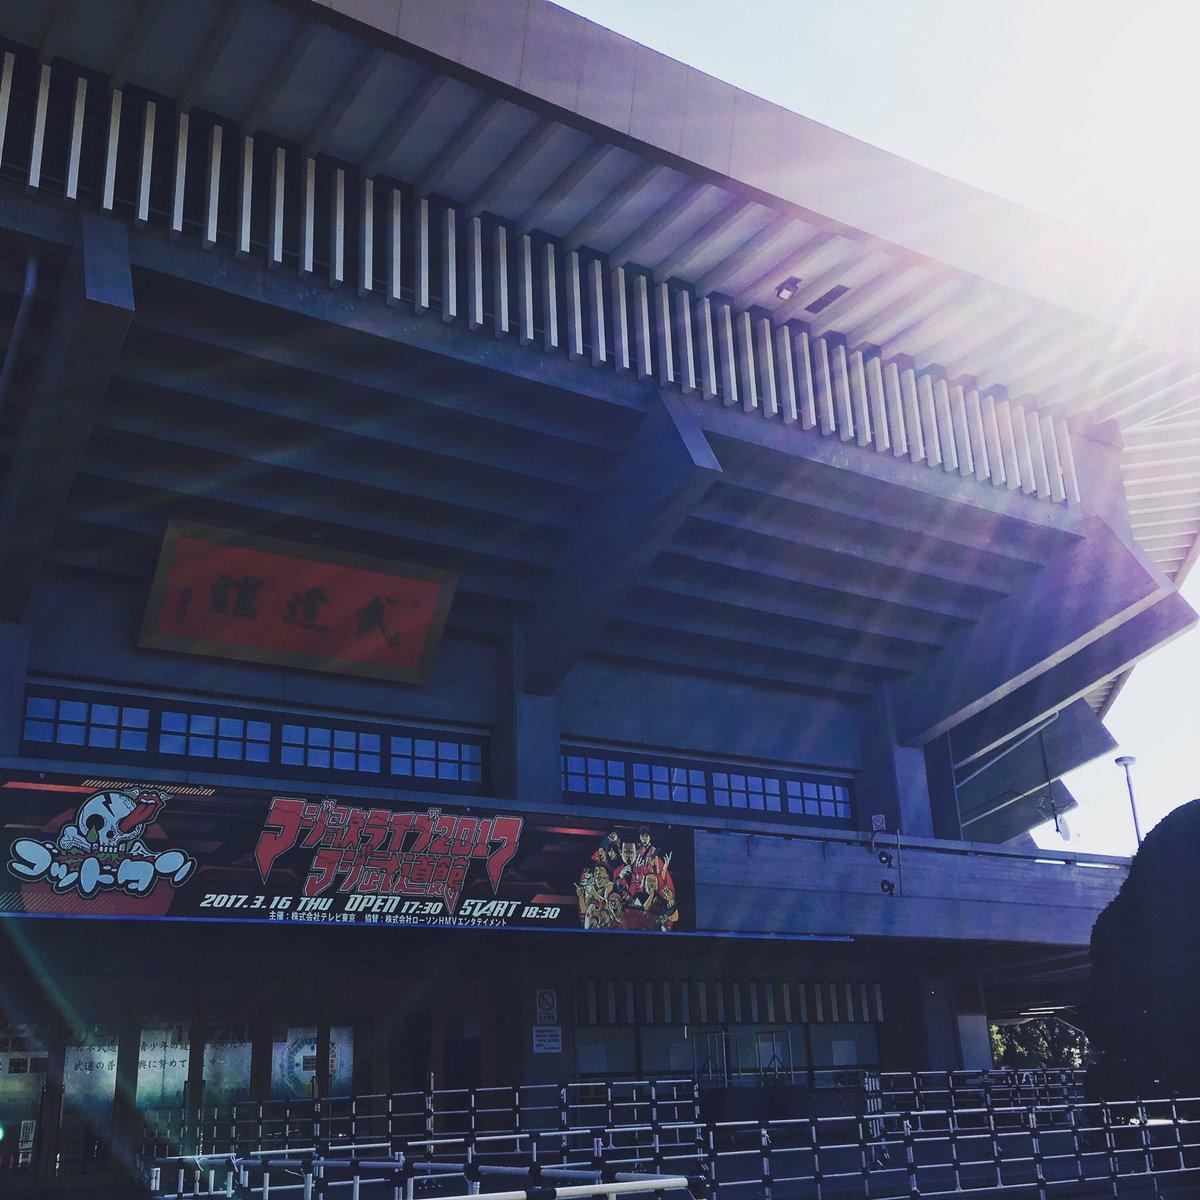 ゴッドタン マジ歌Live@武道館 10周年という大きな節目に出演させて頂きありがとうございました✨ 笑いと感動づくしの1日でした。。 感謝です‼︎ https://t.co/69oXpqQPBx